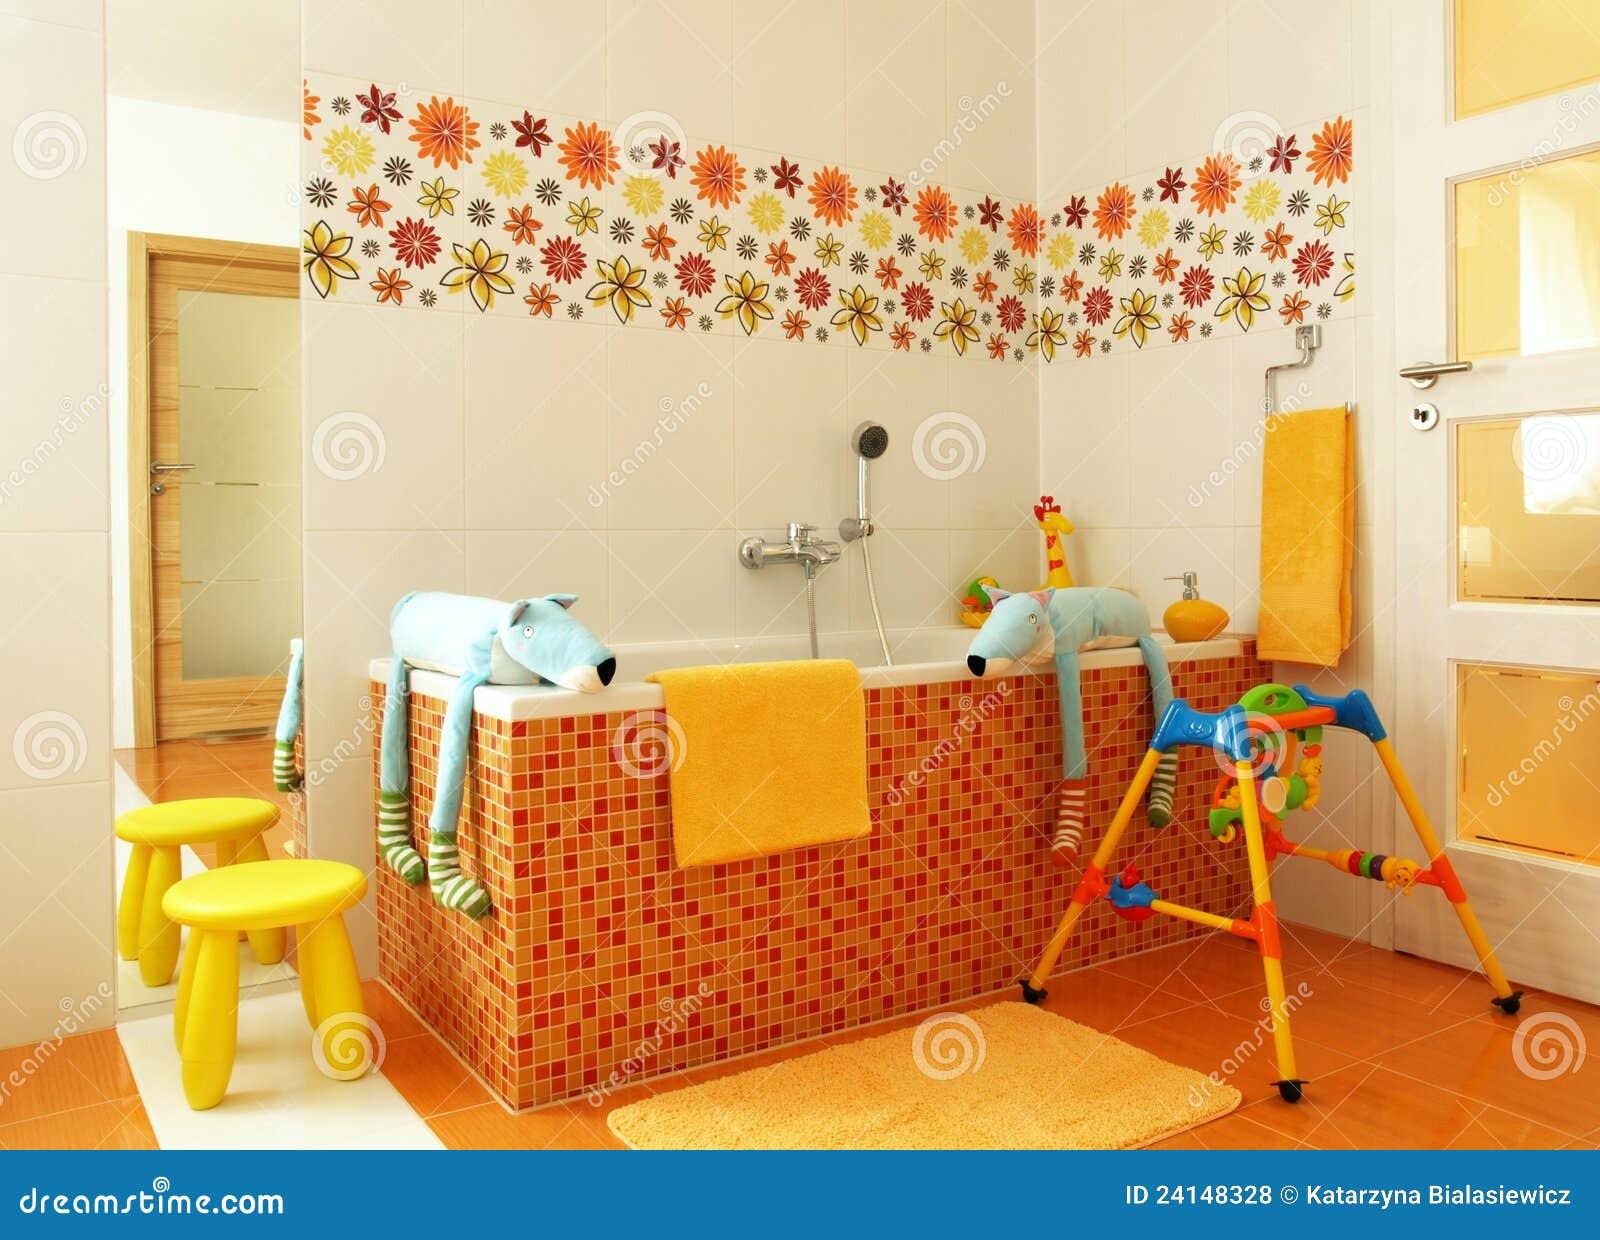 salle de bains moderne colore pour des enfants - Salle De Bain Enfant Coloree